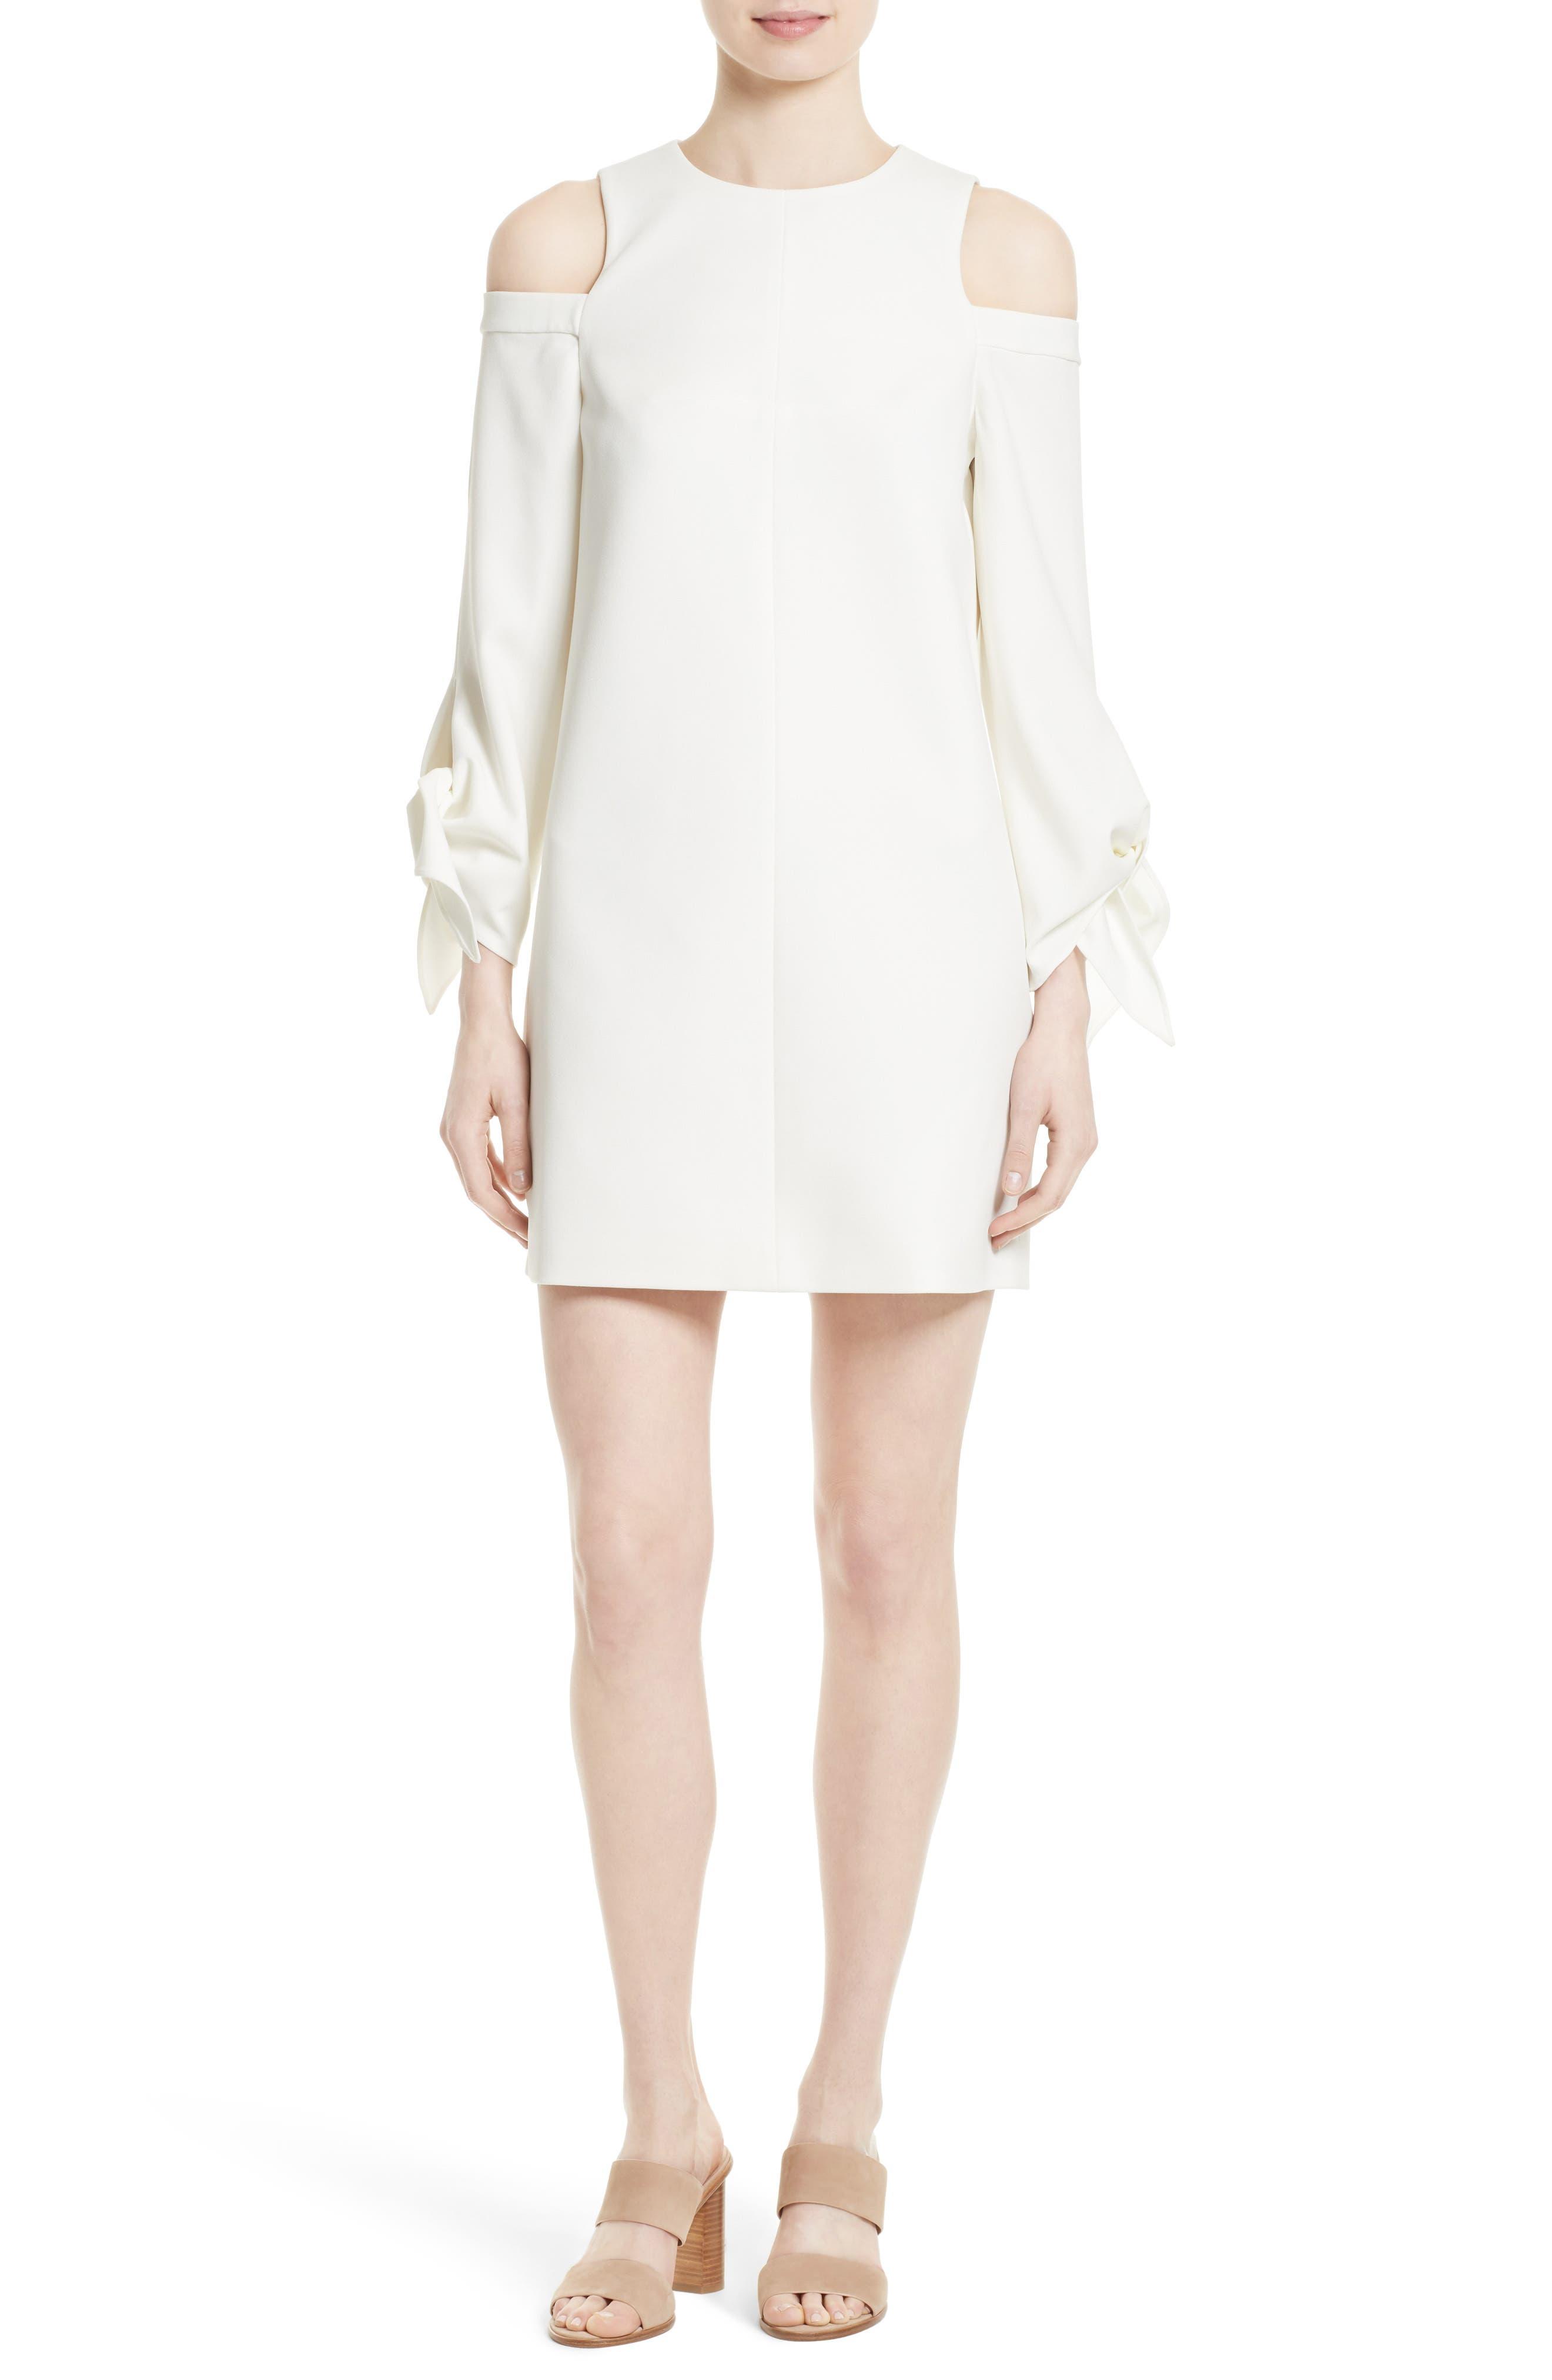 Alternate Image 1 Selected - Tibi Cold Shoulder Shift Dress